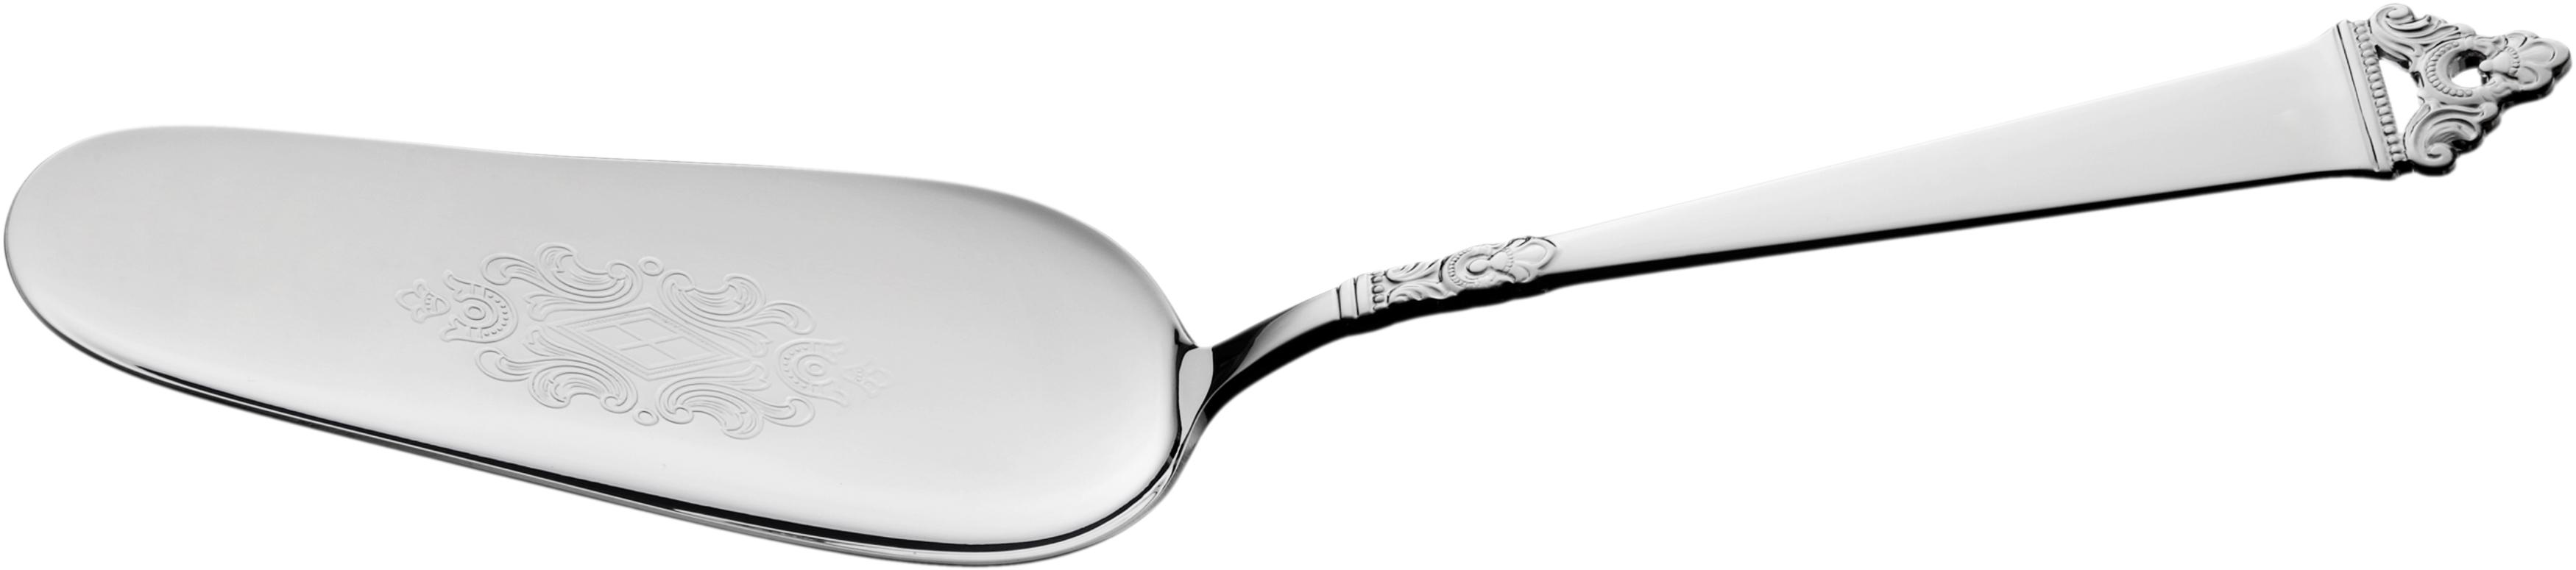 Kakespade, Odel sølvbestikk